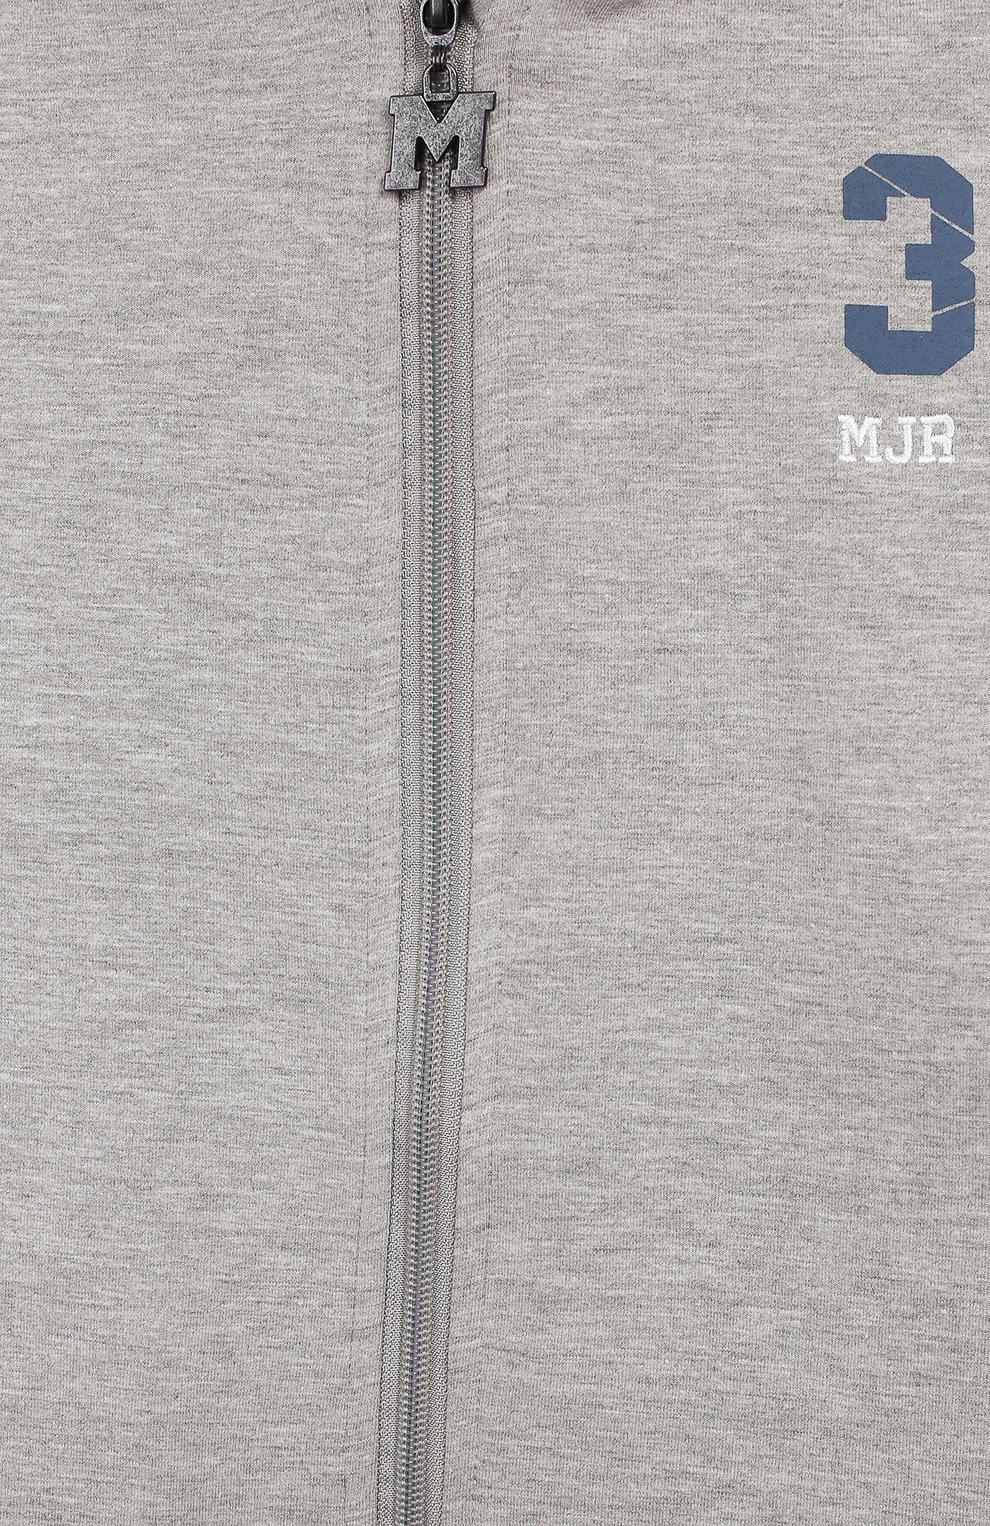 Детский хлопковая толстовка MONTA JR серого цвета, арт. CRAT0 | Фото 3 (Рукава: Длинные; Мальчики Кросс-КТ: Толстовка-спорт; Материал внешний: Синтетический материал, Хлопок, Полиэстер)